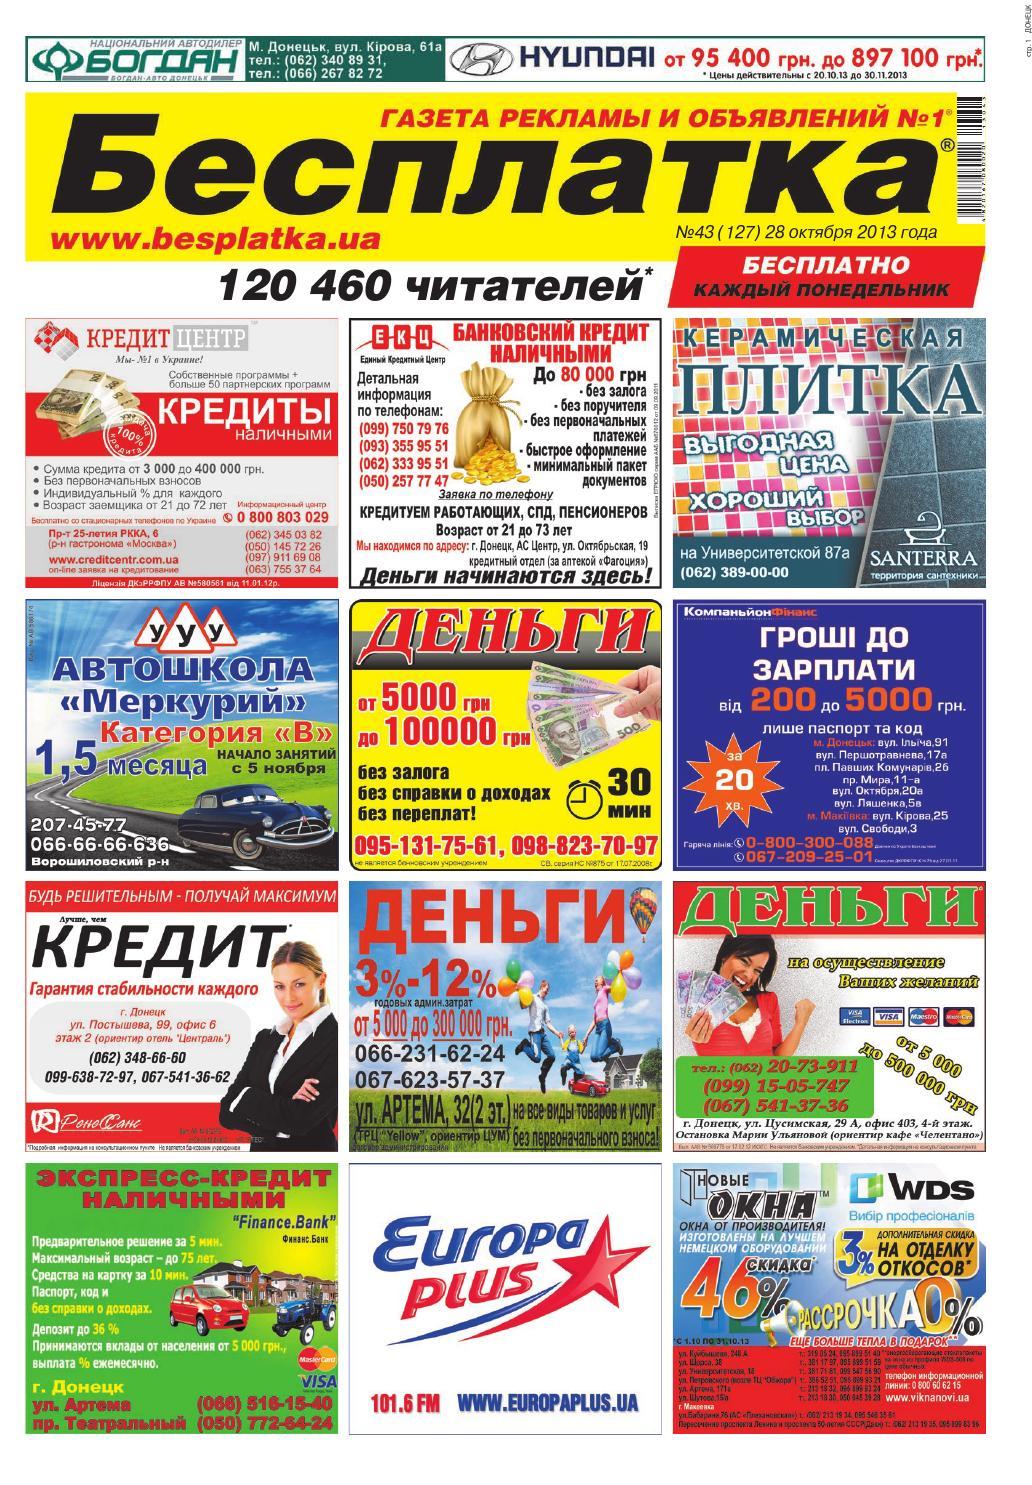 1b7f0394395e Besplatka donetsk 28 10 2013 by besplatka ukraine - issuu